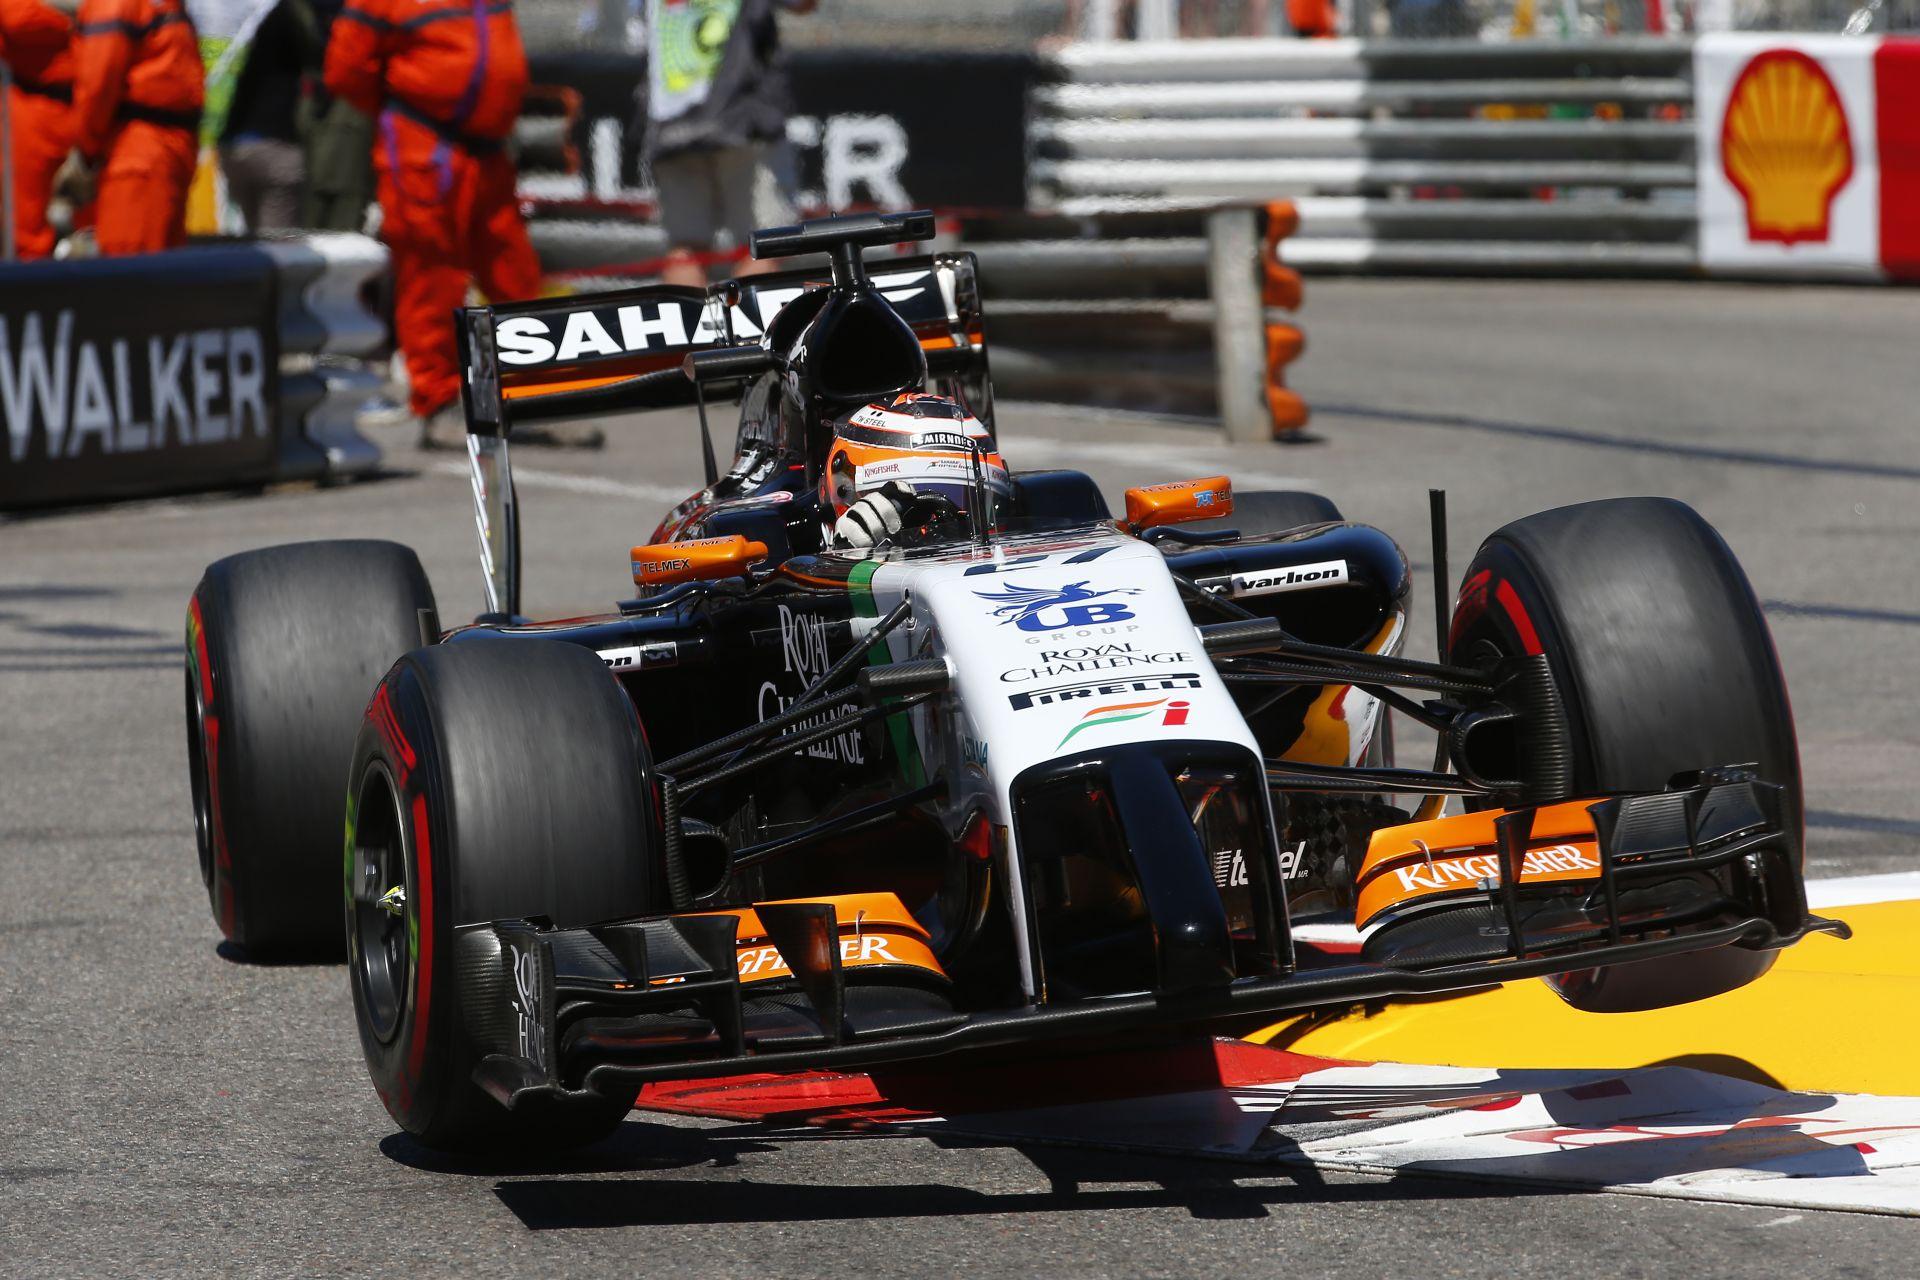 Hülkenberg megelőzte Vettelt a bajnokságban és az 5. helyen áll